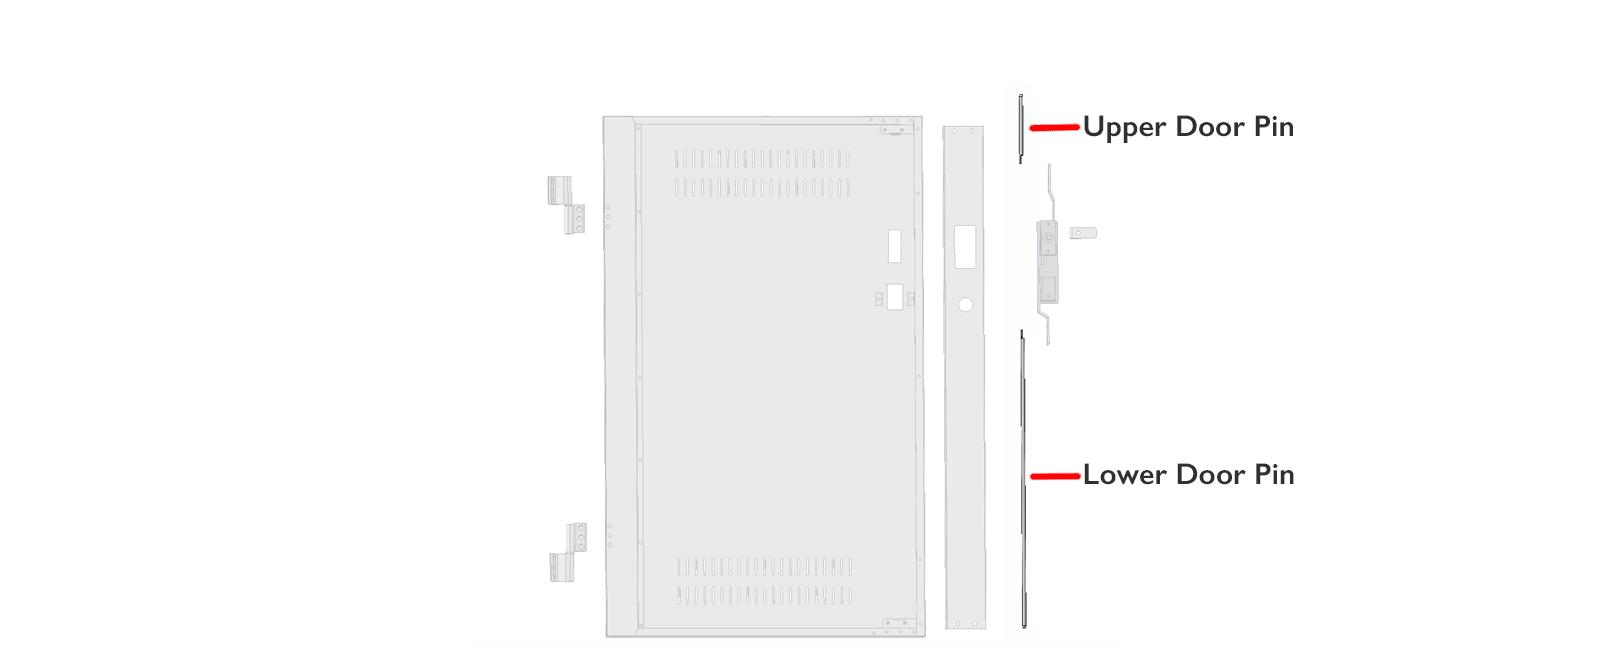 pin_set_parts.png